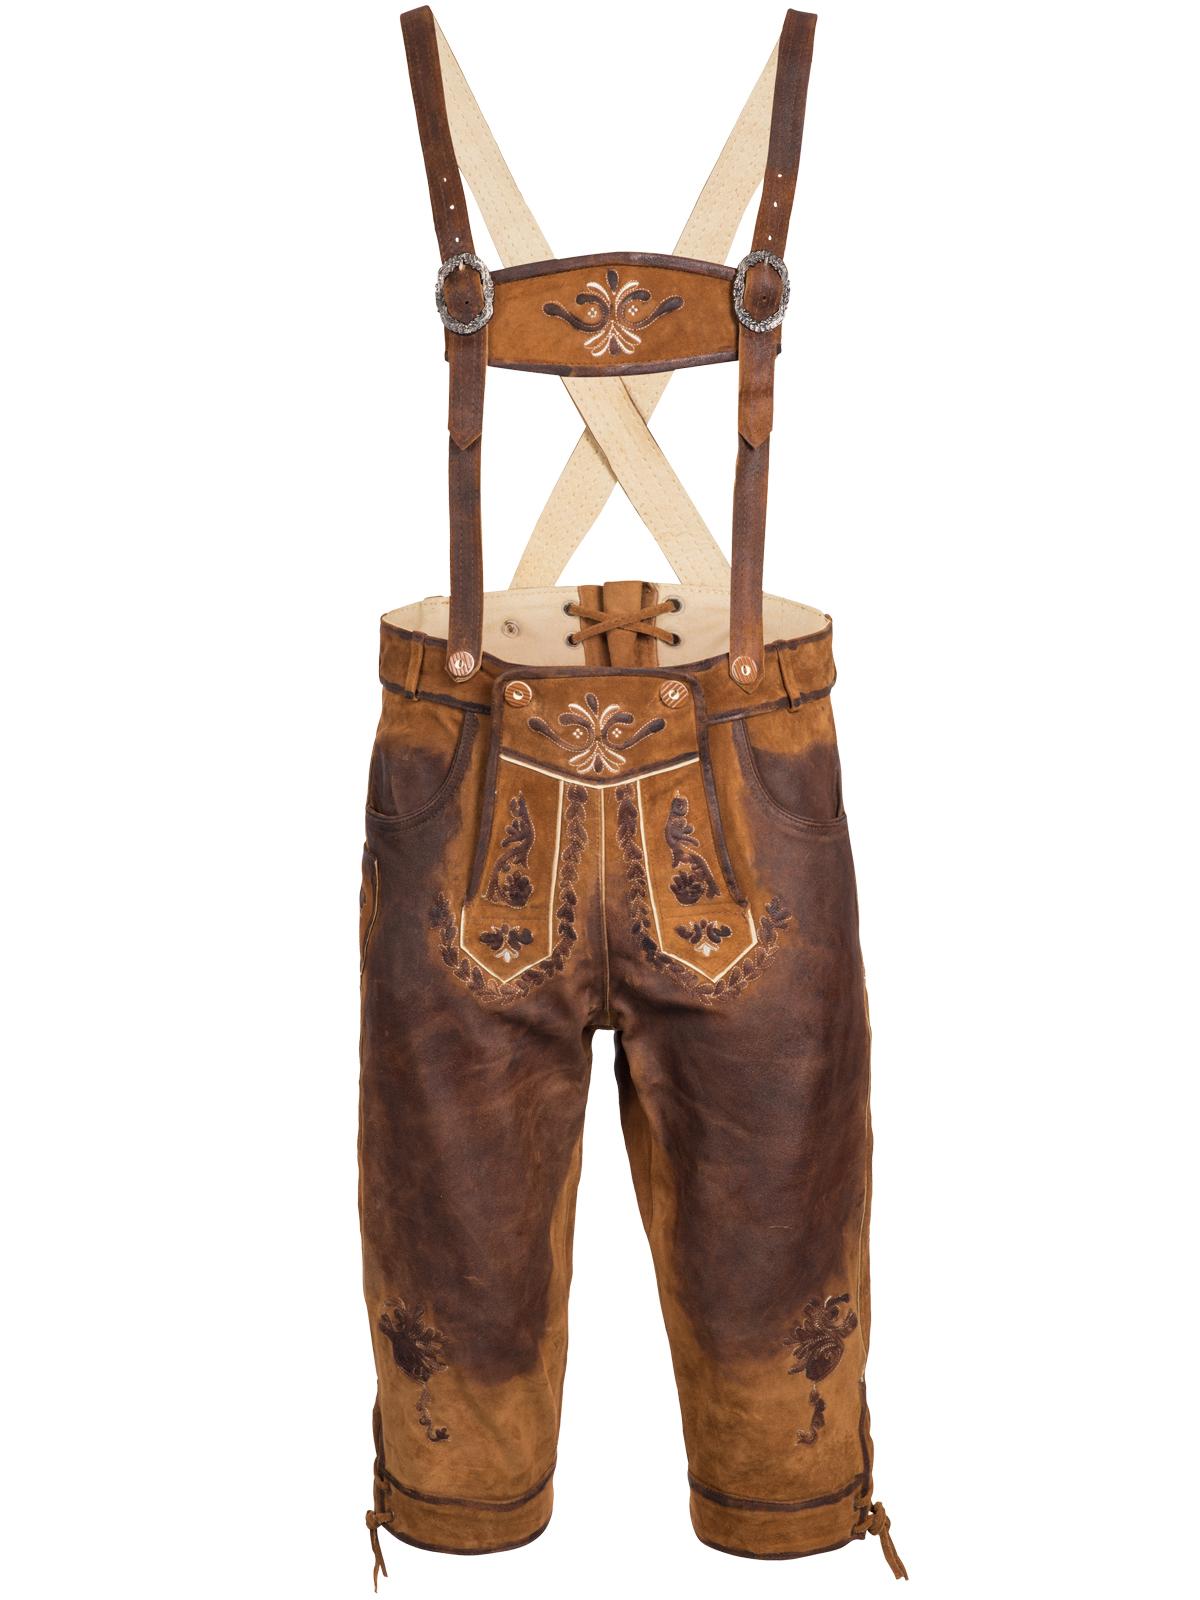 Homme Bavarois Short Lederhosen Vachette Cuir avec Assorties Bretelles